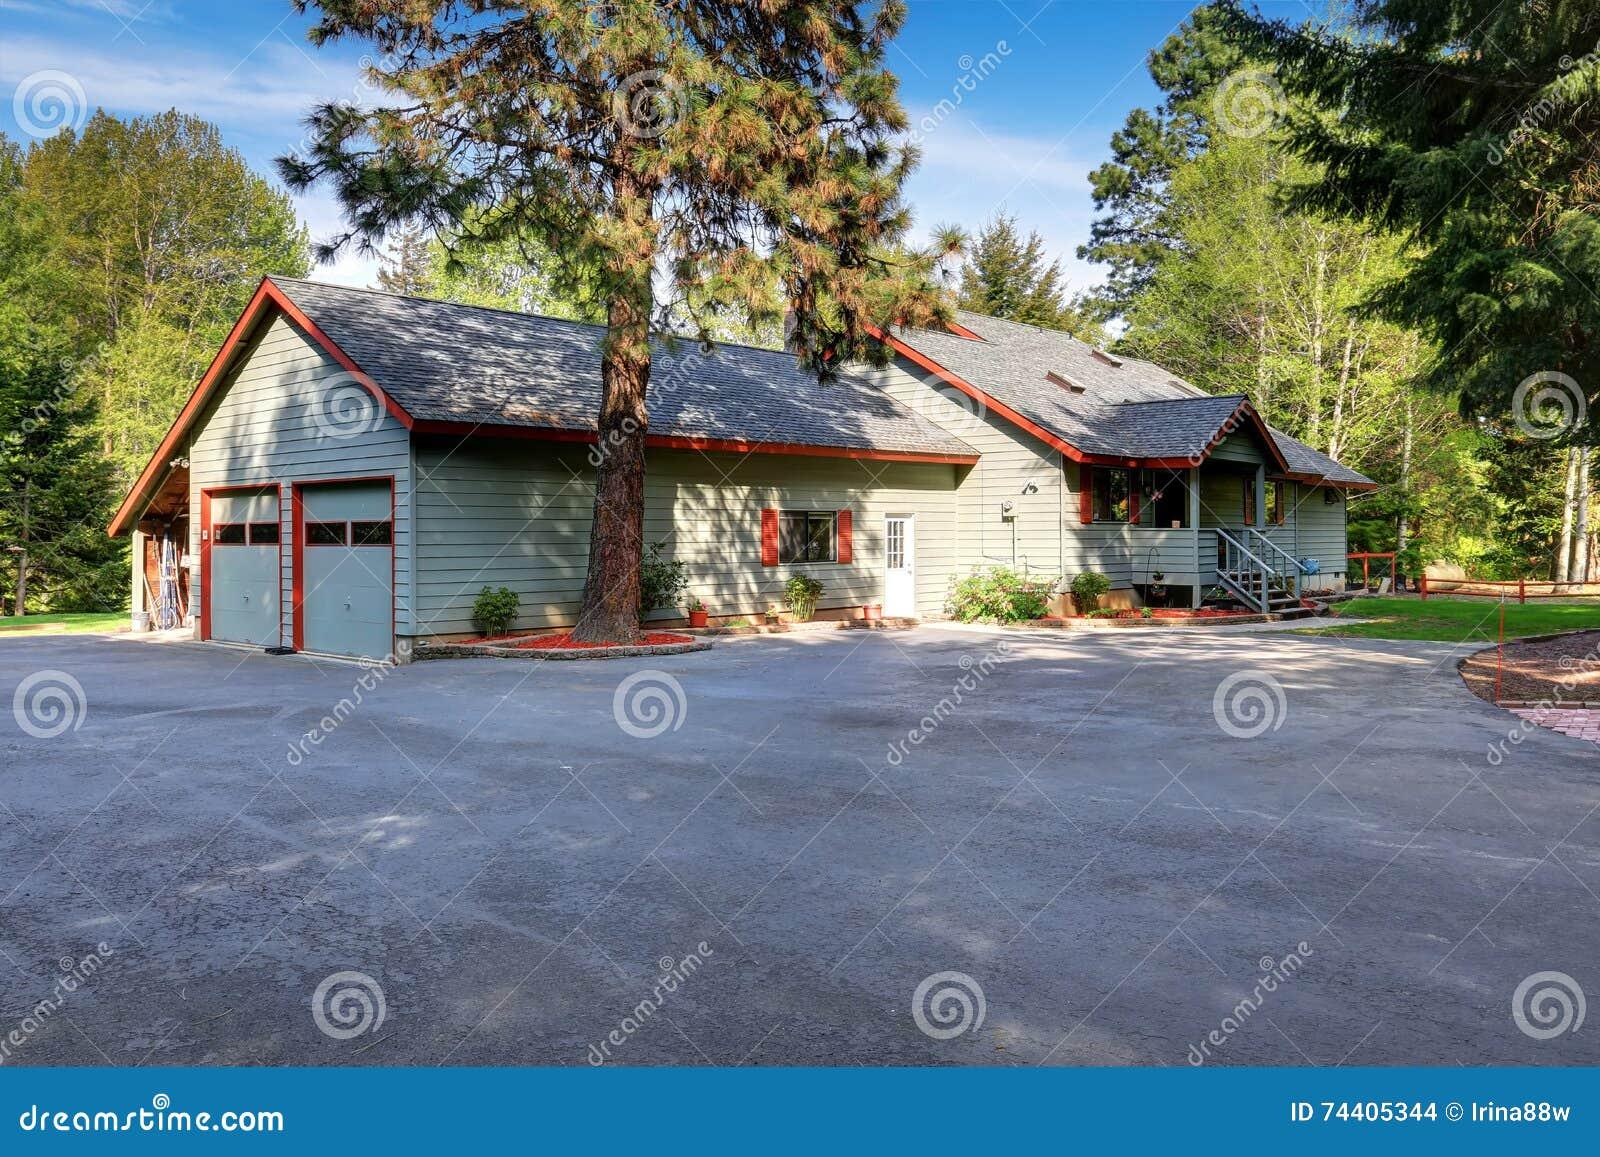 Amerikanisches Landhaus amerikanisches landhaus außen mit breiter asphaltfahrstraße